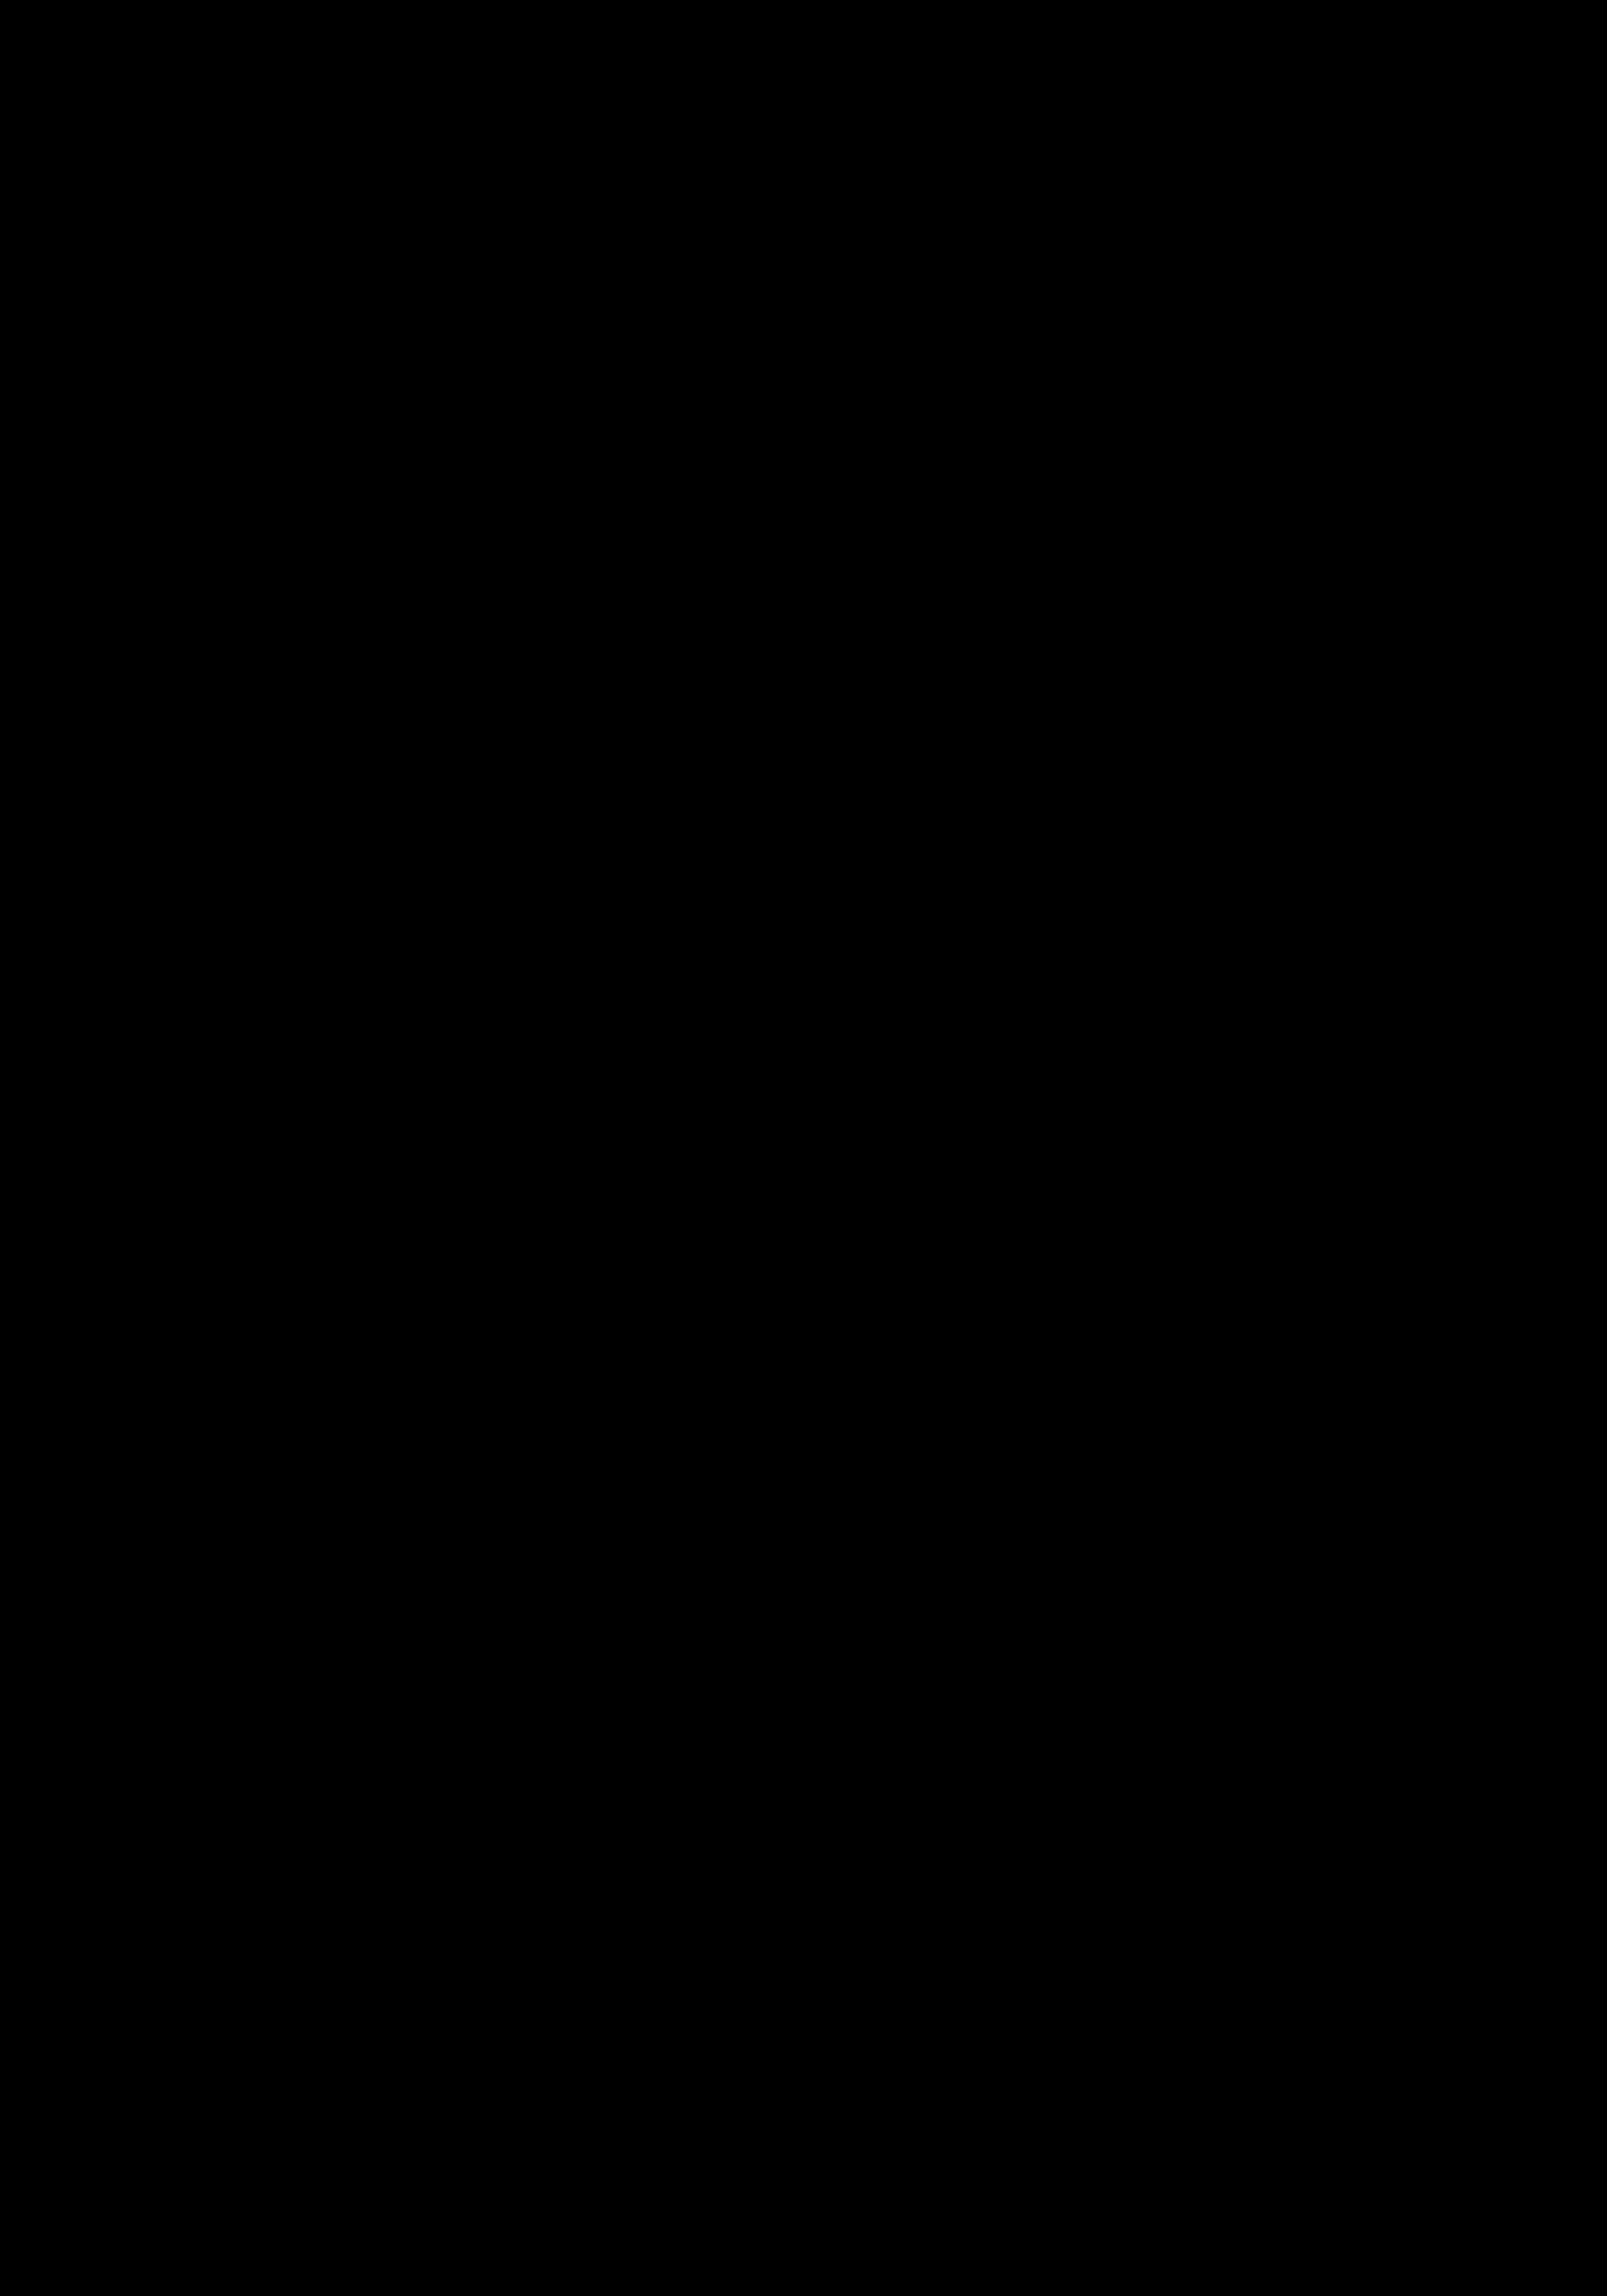 Foujita 藤田嗣治:生涯の作品(1886-1968)」展 Œuvres d'une vie (1886-1968)